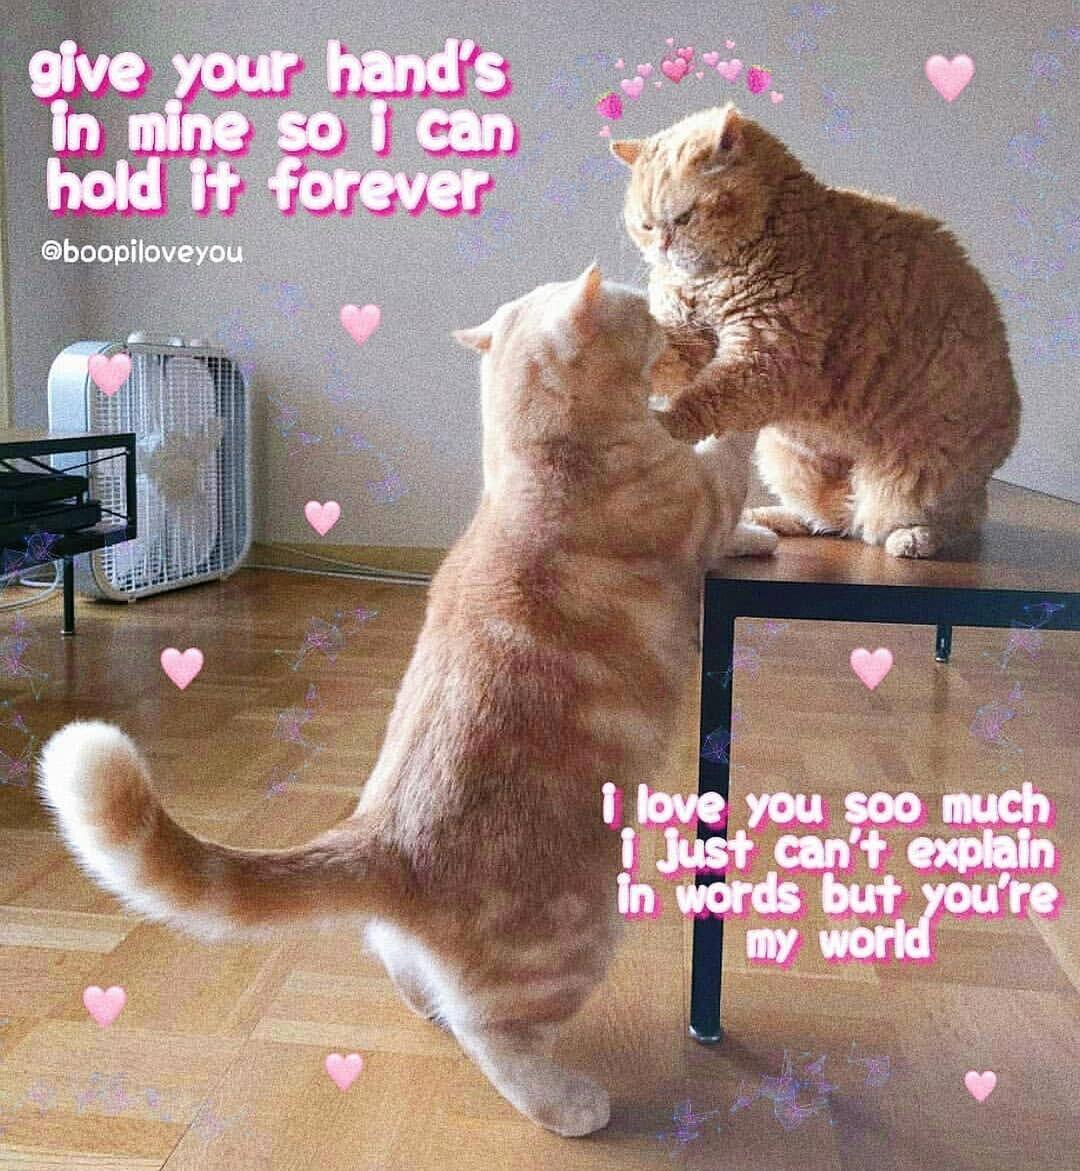 T Boopiloveyou Cute Love Memes Cute Cat Memes Funny Video Memes